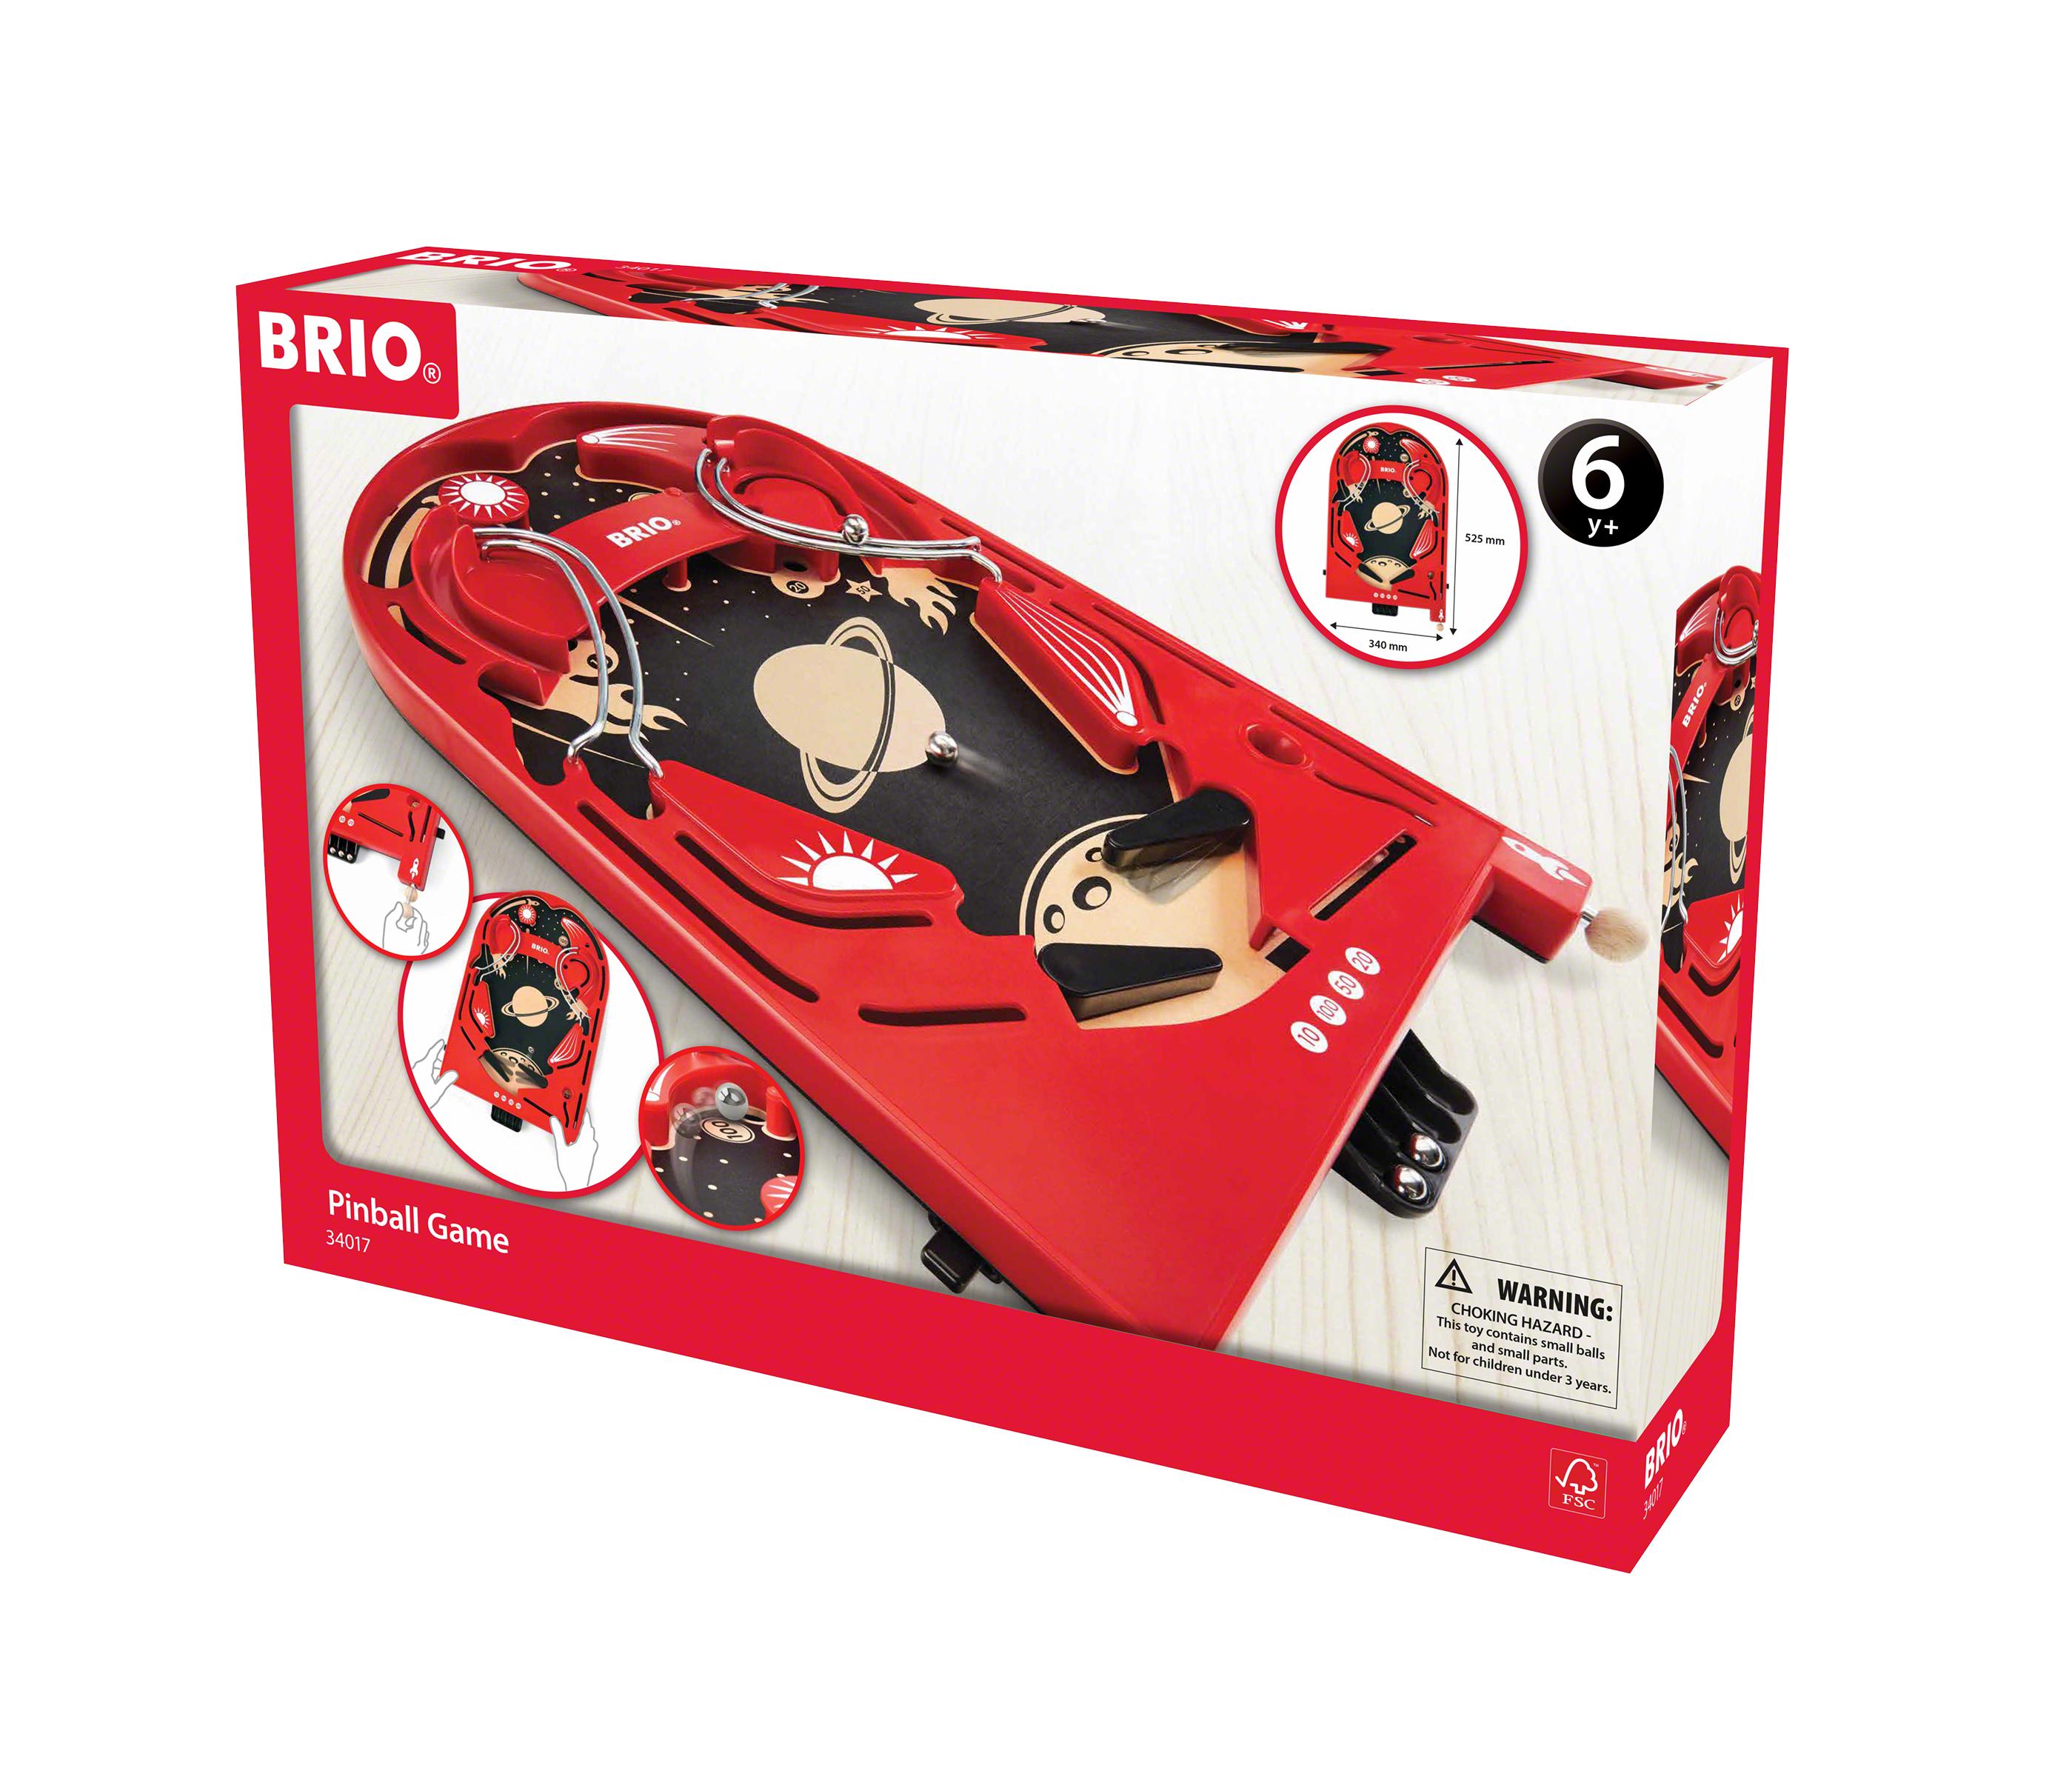 BRIO, Pinball-spel